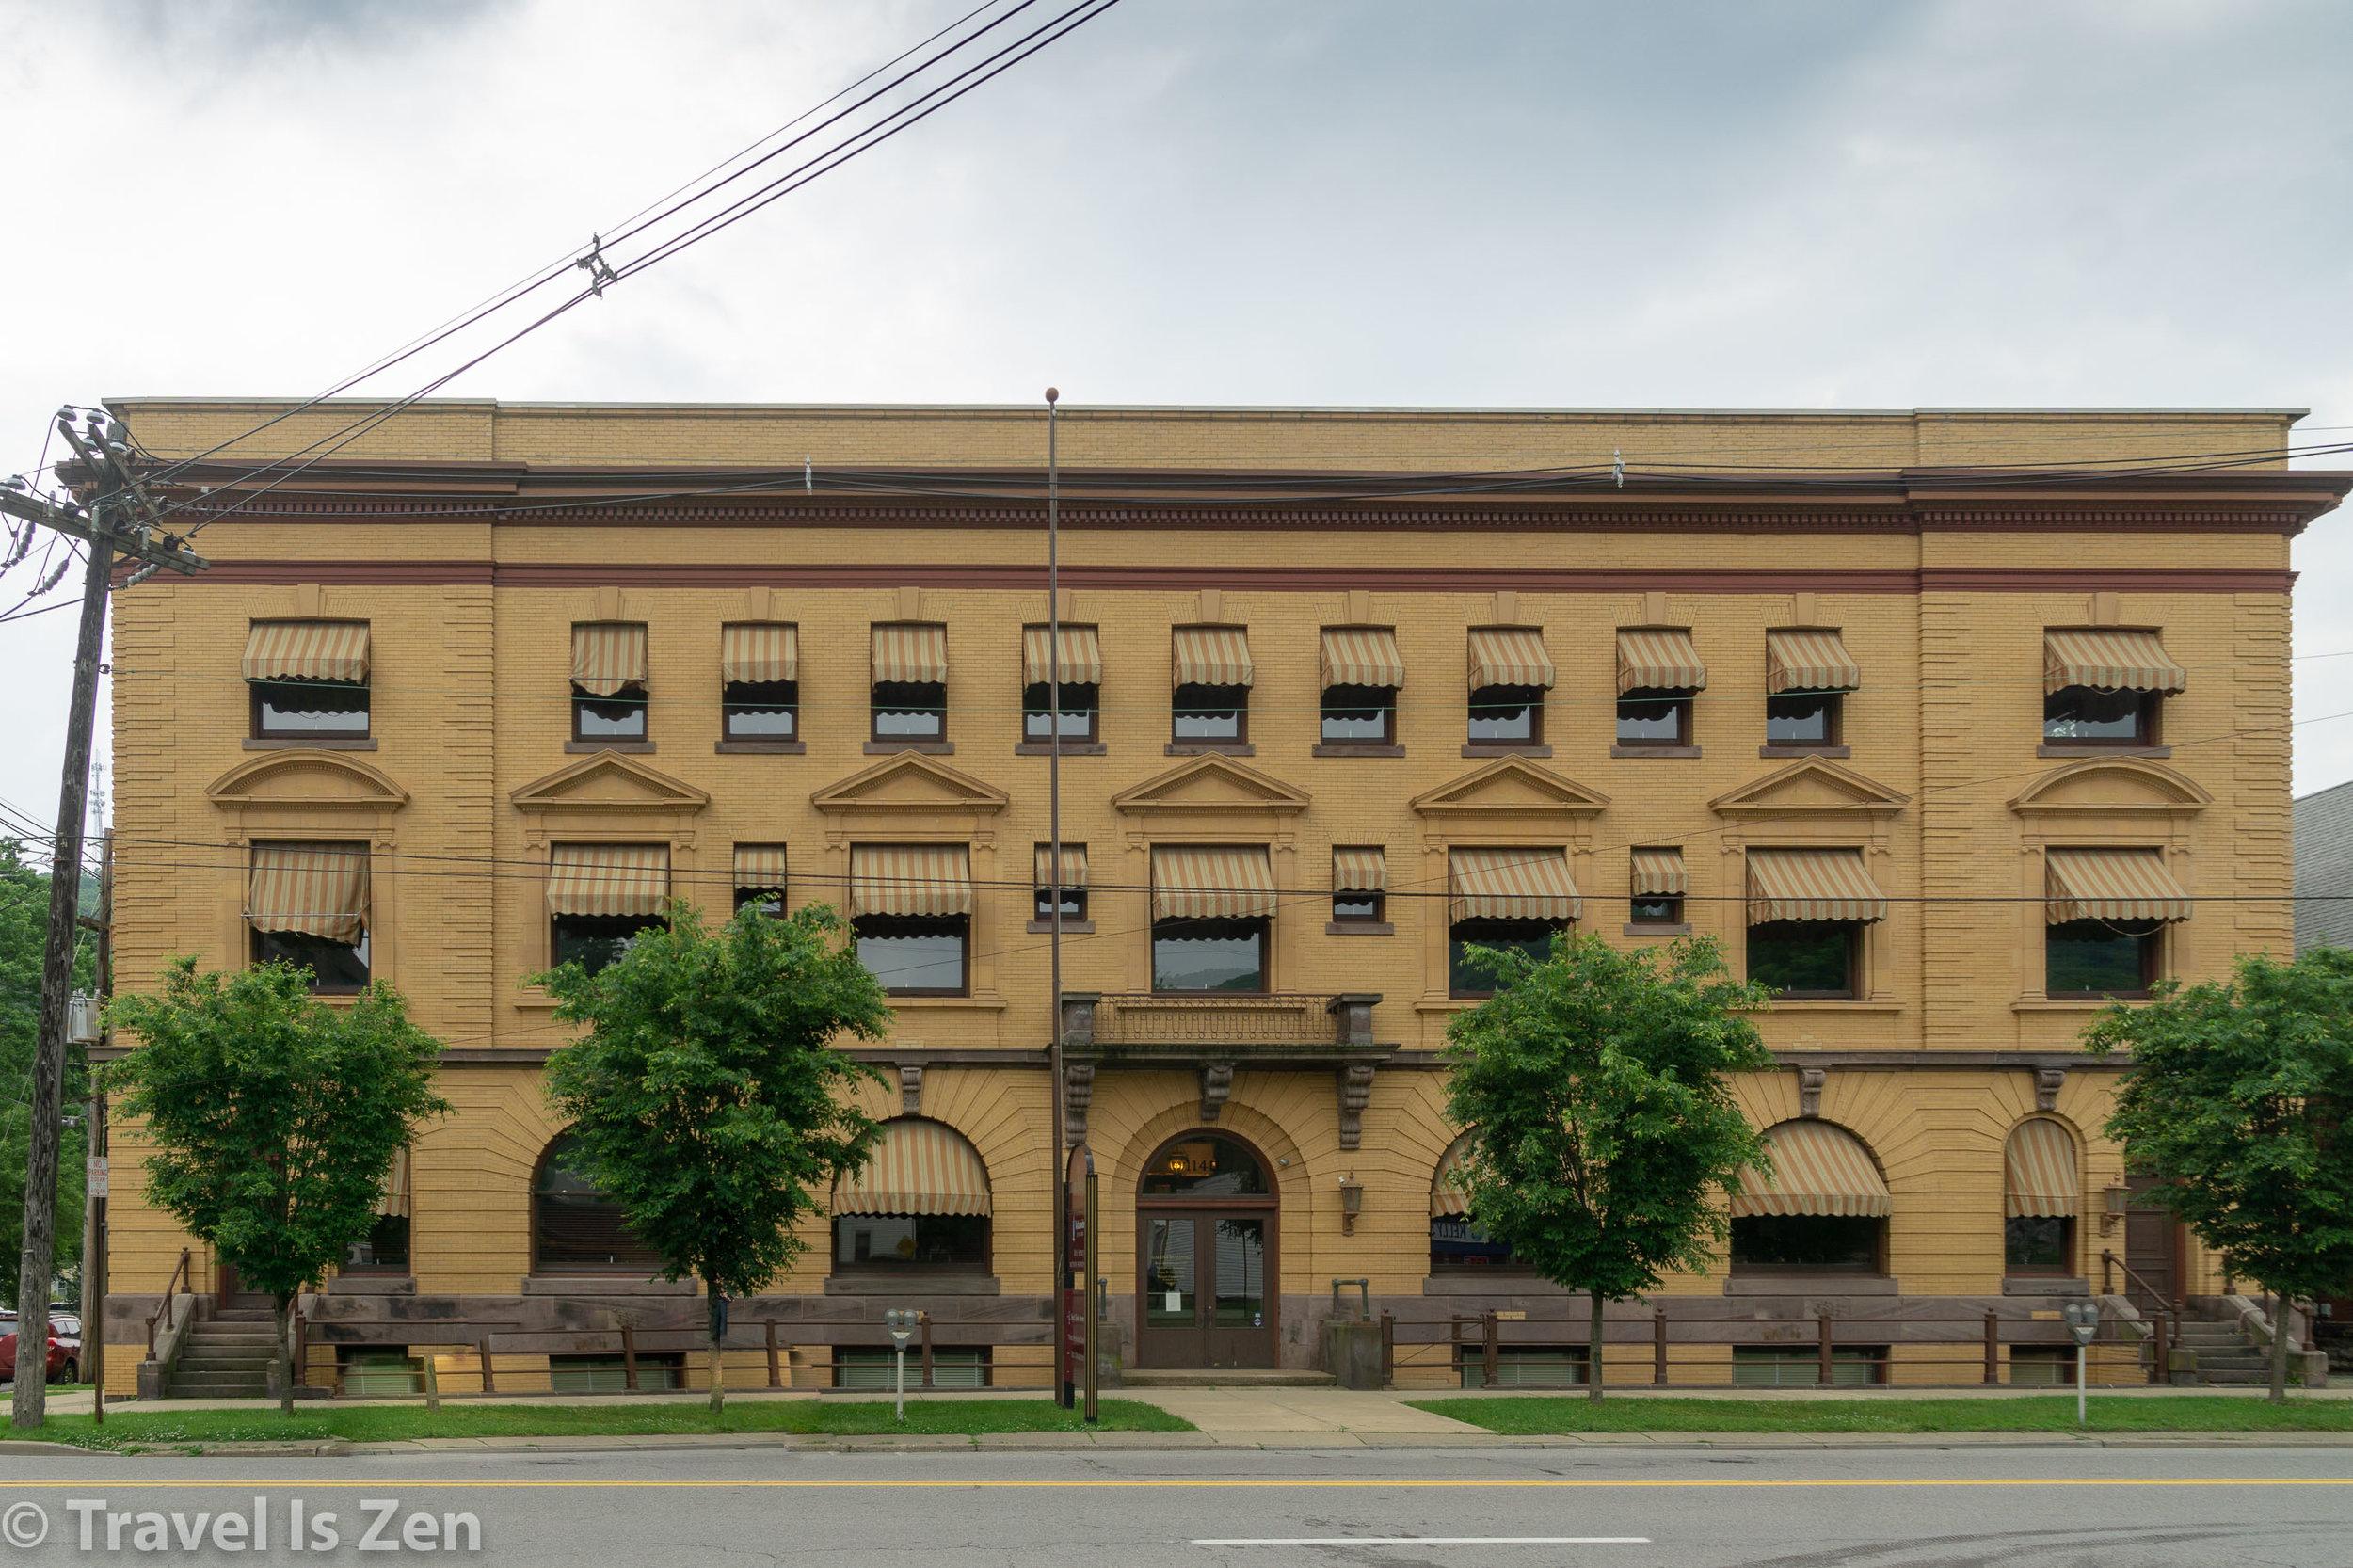 Galena Oil headquarters in Franklin, PA